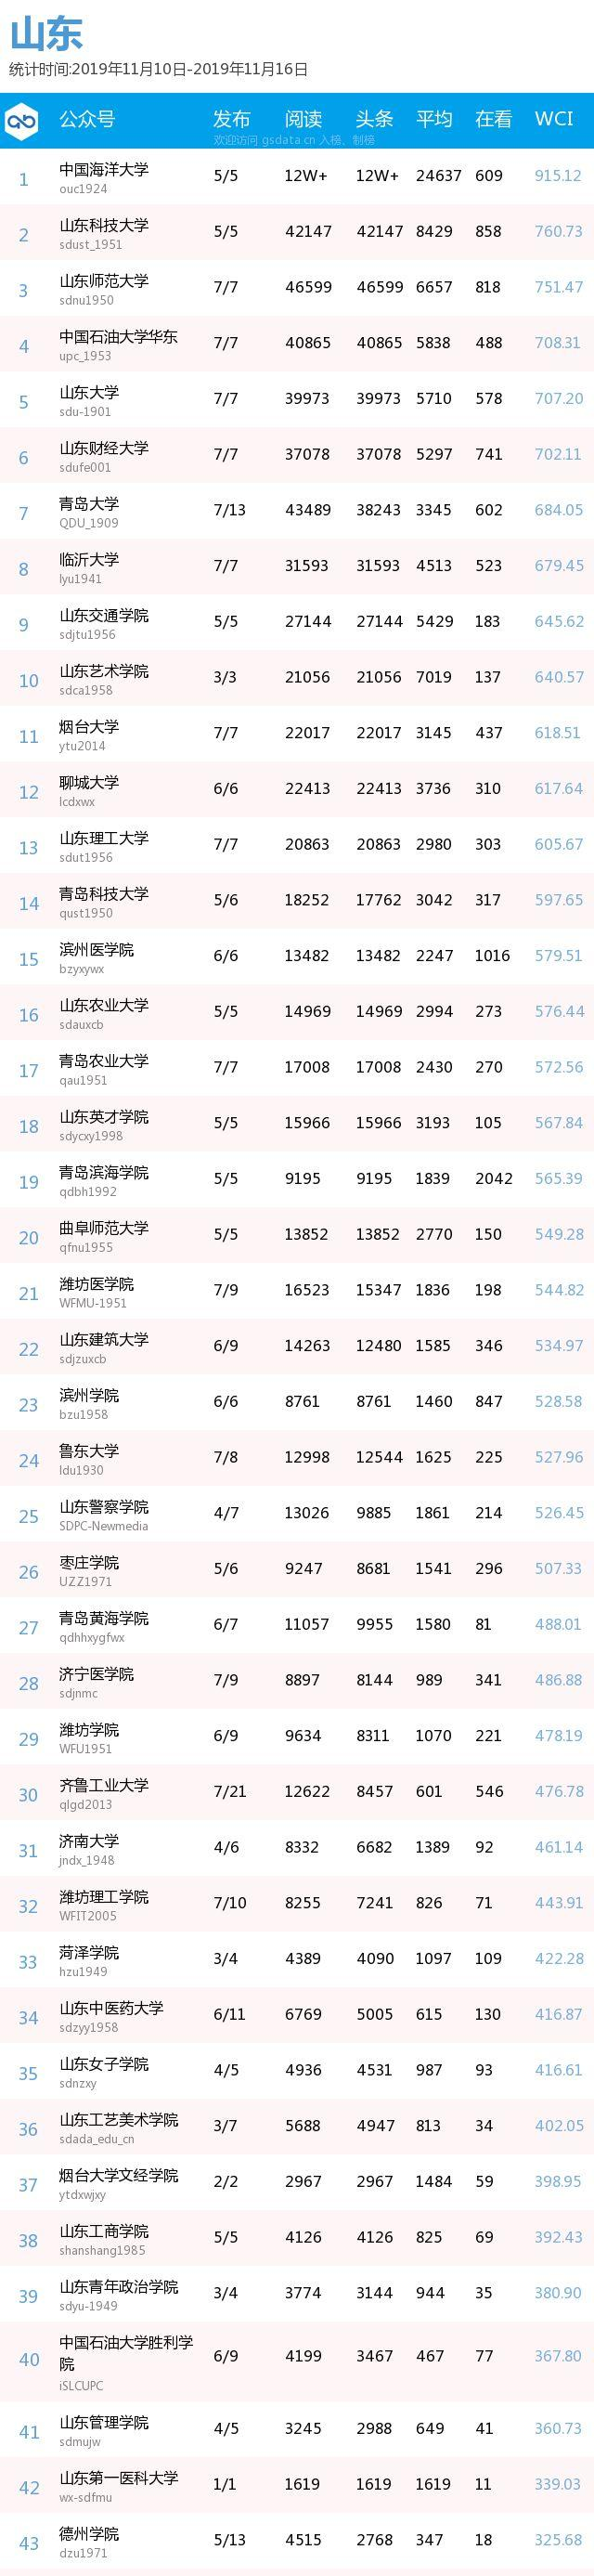 周榜 | 最新出炉!各地区,你的高校排第几?(普通高校公号分省 11.10-11.16)| 中国青年报出品